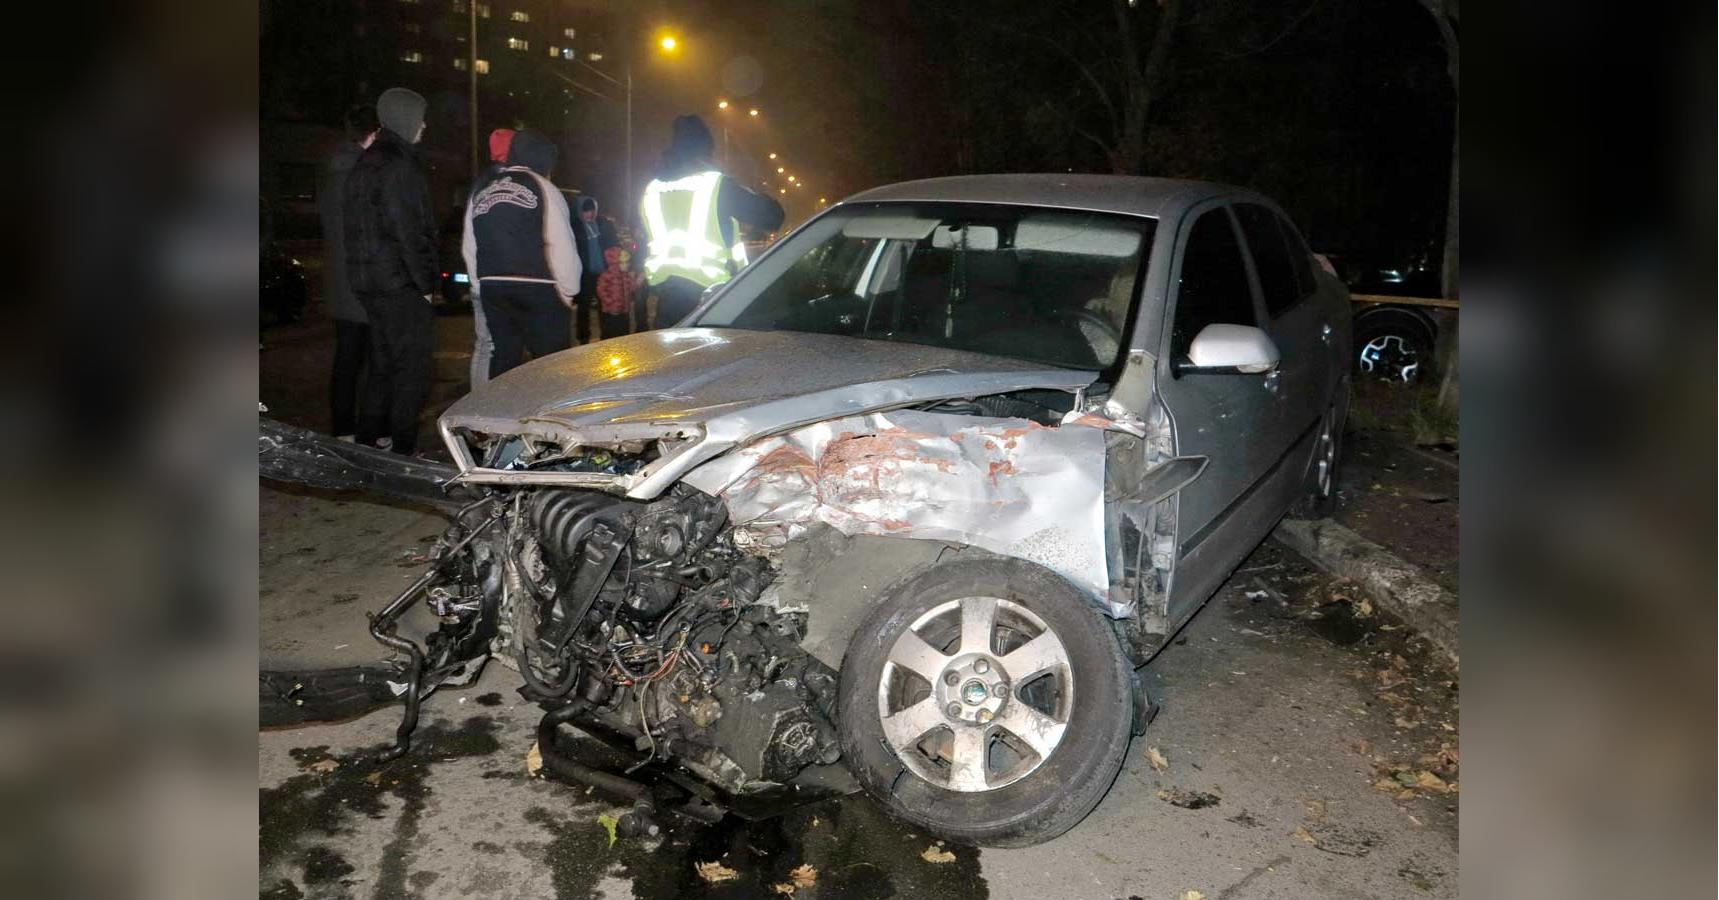 Полицейские спасли от самосуда: в Киеве нетрезвый водитель повредил ср